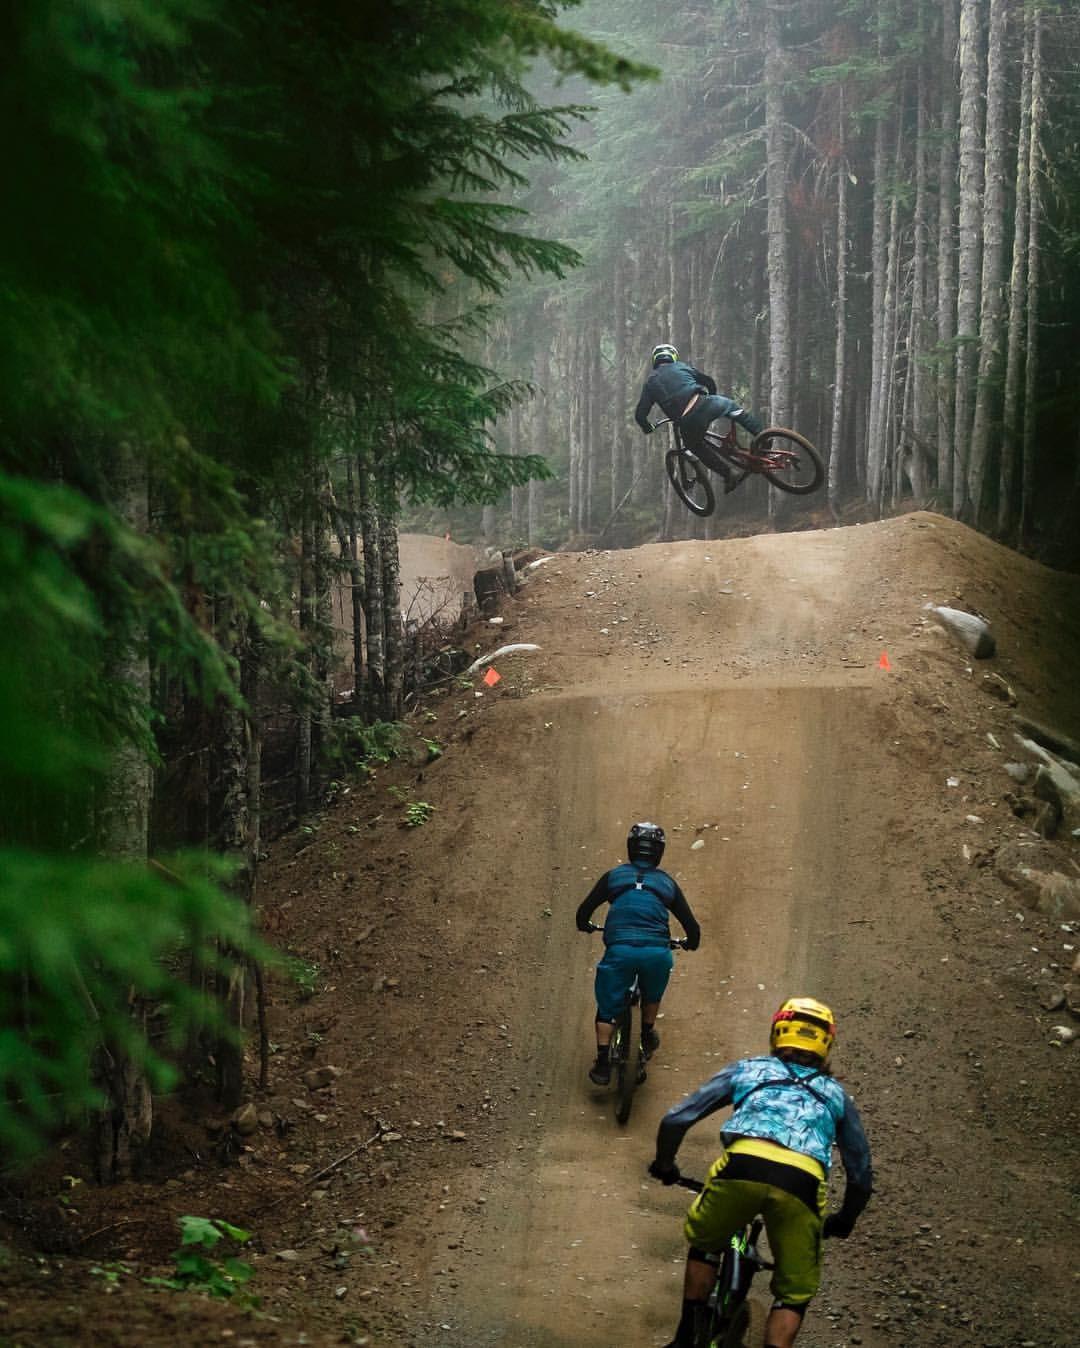 14 7k Likes 82 Comments Whistler Bike Park Whistlerbikeprk